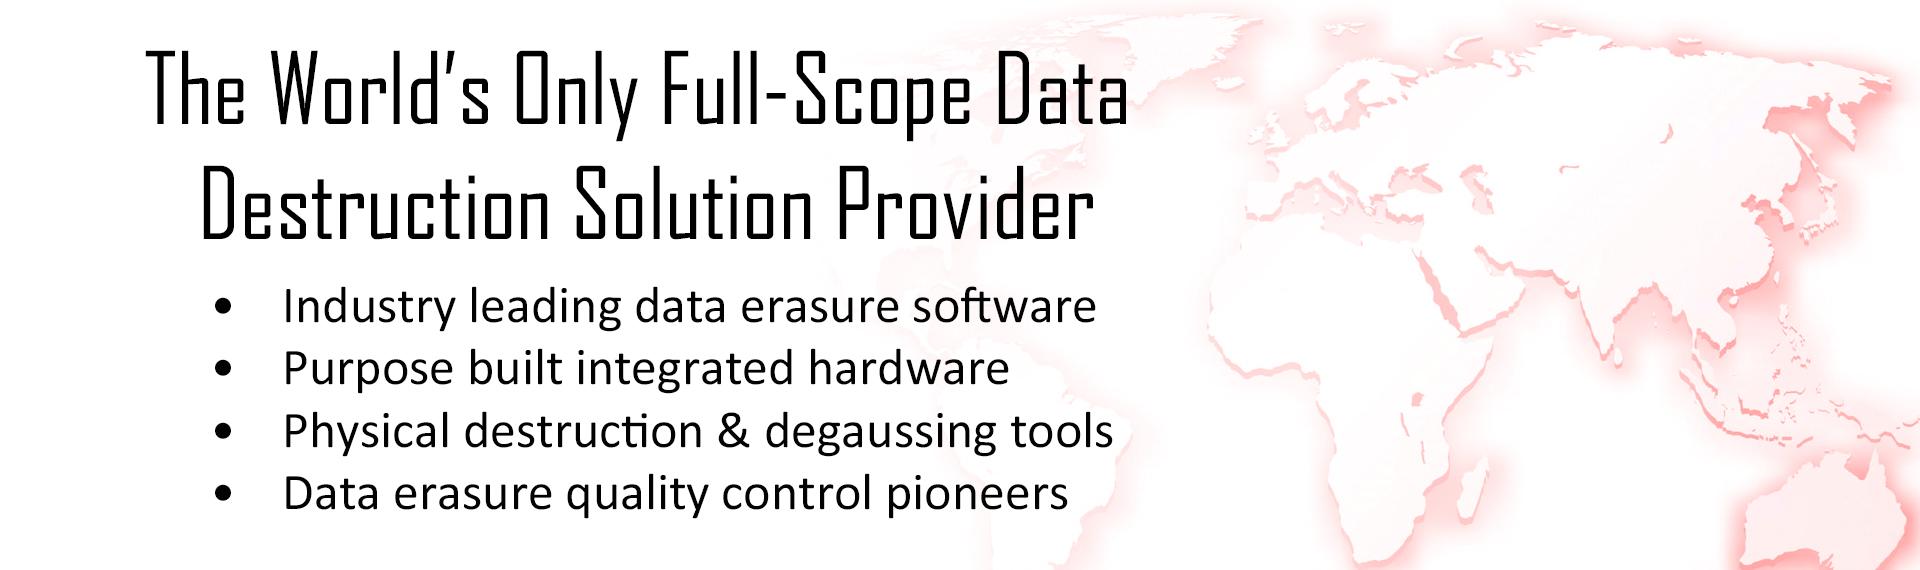 The World's Only Full-Scope Data Destruction Solution Provider